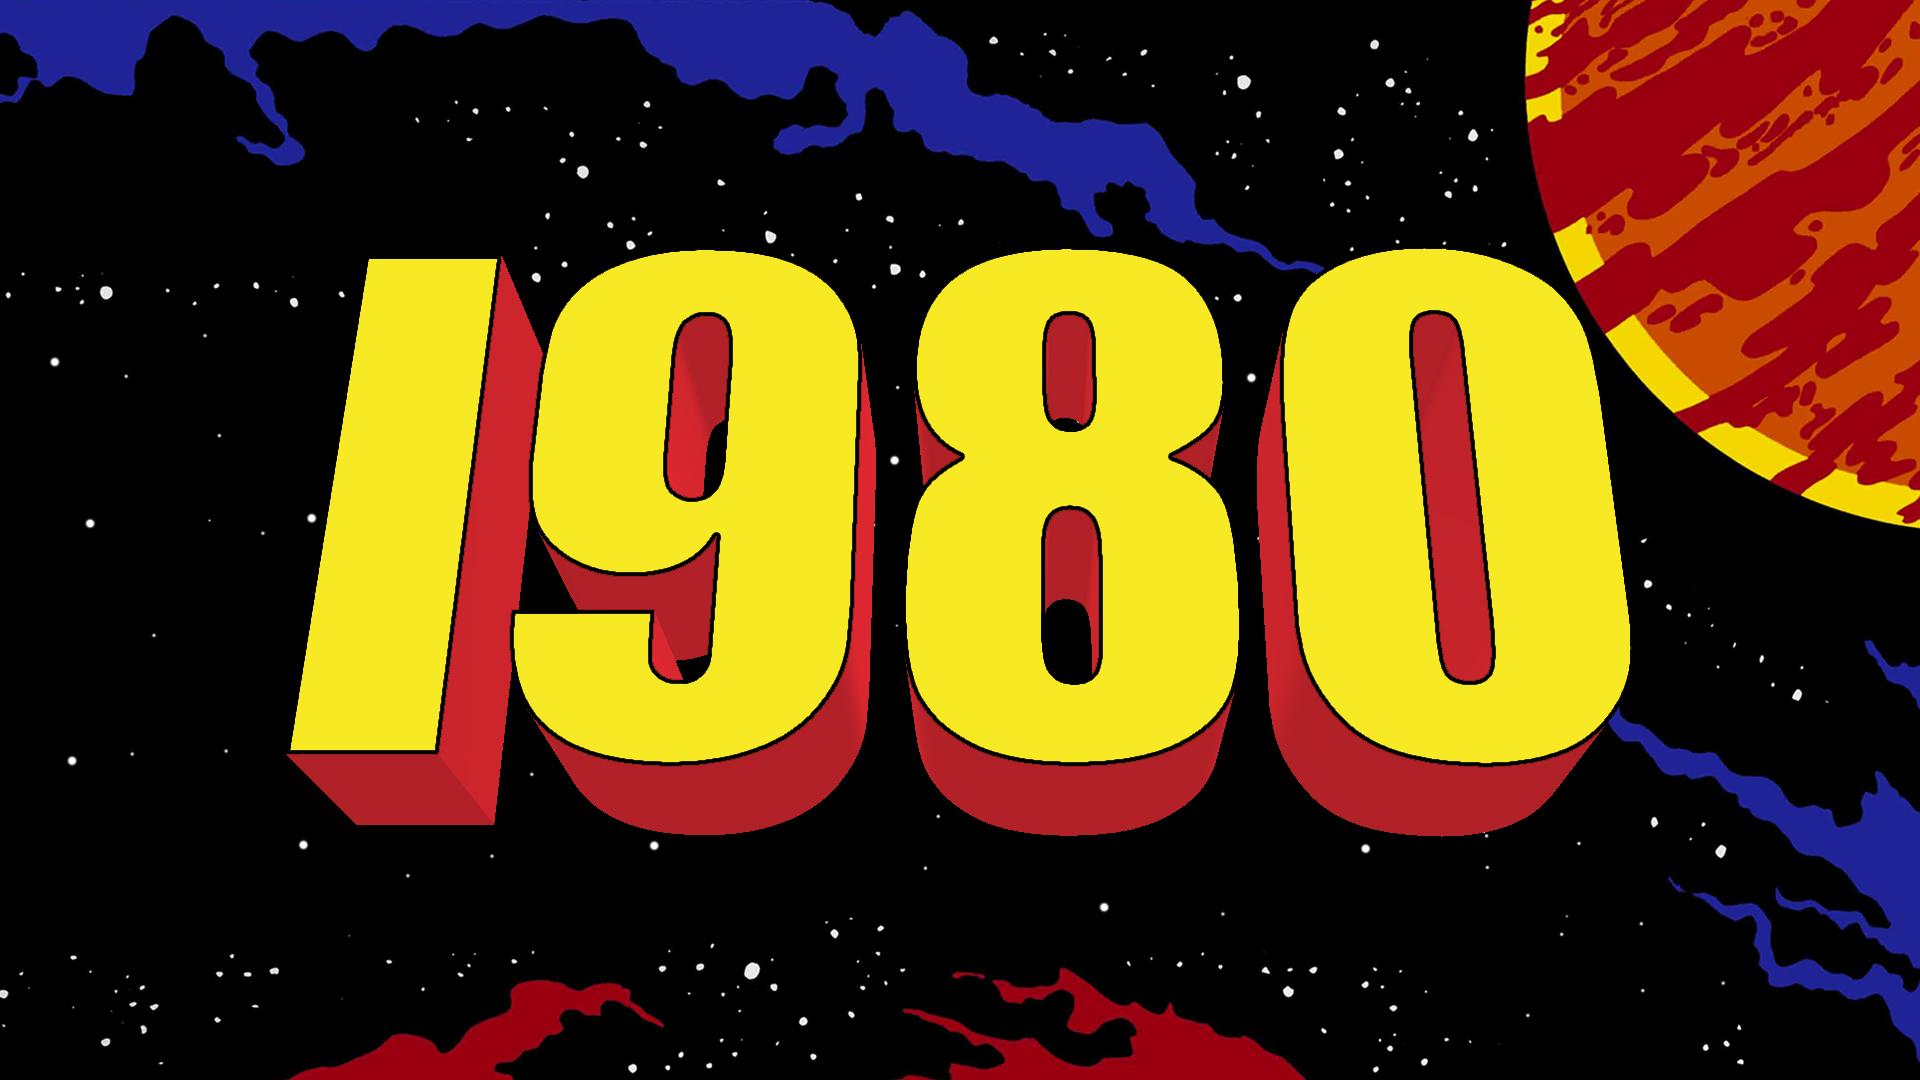 1980 Defender.jpg